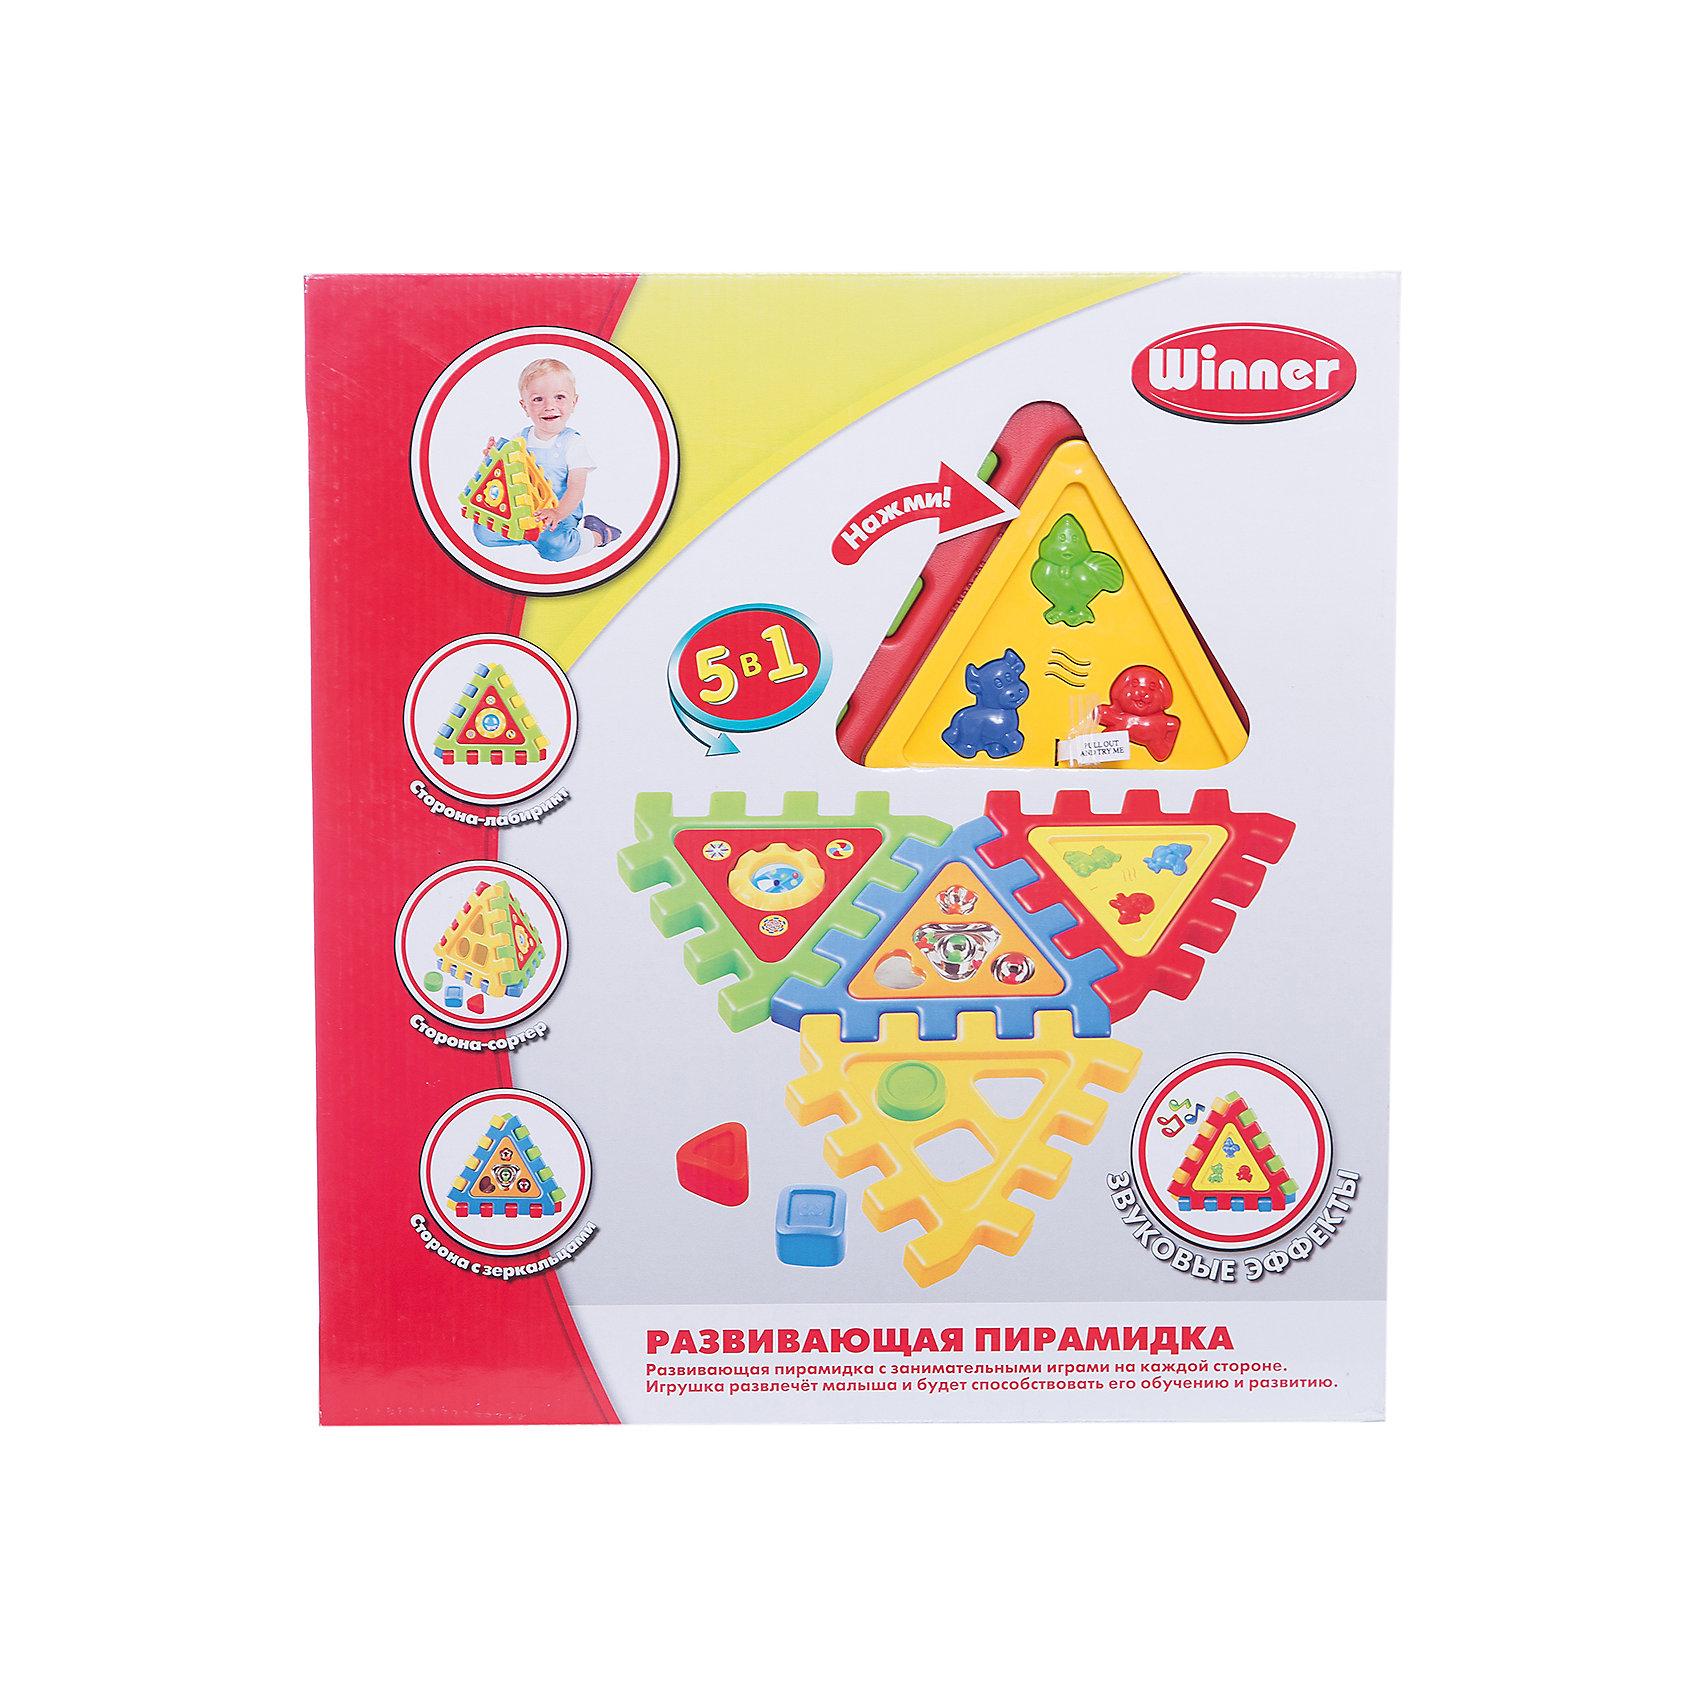 Winner Пирамидка, электроннаяИгрушки для малышей<br>Развивающая электронная игрушка с звуковыми эффектами для самых маленьких. Стимулирует творческие способности, игровые навыки и воображение у детей любого возраста, а также способствует развитию мелкой моторики. <br>Собирается пирамидкой либо в виде коврика из 4х игровых панелей: сортер ( в форме круг, квадрат, треугольник), панель с озвучкой  животных (кнопочки корова, цыпленок, собака), панель с зеркальцами, панель с лабиринтом. <br><br>Дополнительная информация:<br><br>- В комплект входят: 4 игровые панели для сбора пирамидки, три формочки для сортера.<br>- Варианты сборки: в виде коврика либо пирамидки.<br>- Размер игрушки 22x26x26 см.<br><br> Игрушка развлечёт малыша и будет способствовать его обучению и развитию.<br><br>Ширина мм: 40<br>Глубина мм: 400<br>Высота мм: 580<br>Вес г: 950<br>Возраст от месяцев: 36<br>Возраст до месяцев: 108<br>Пол: Мужской<br>Возраст: Детский<br>SKU: 3261715